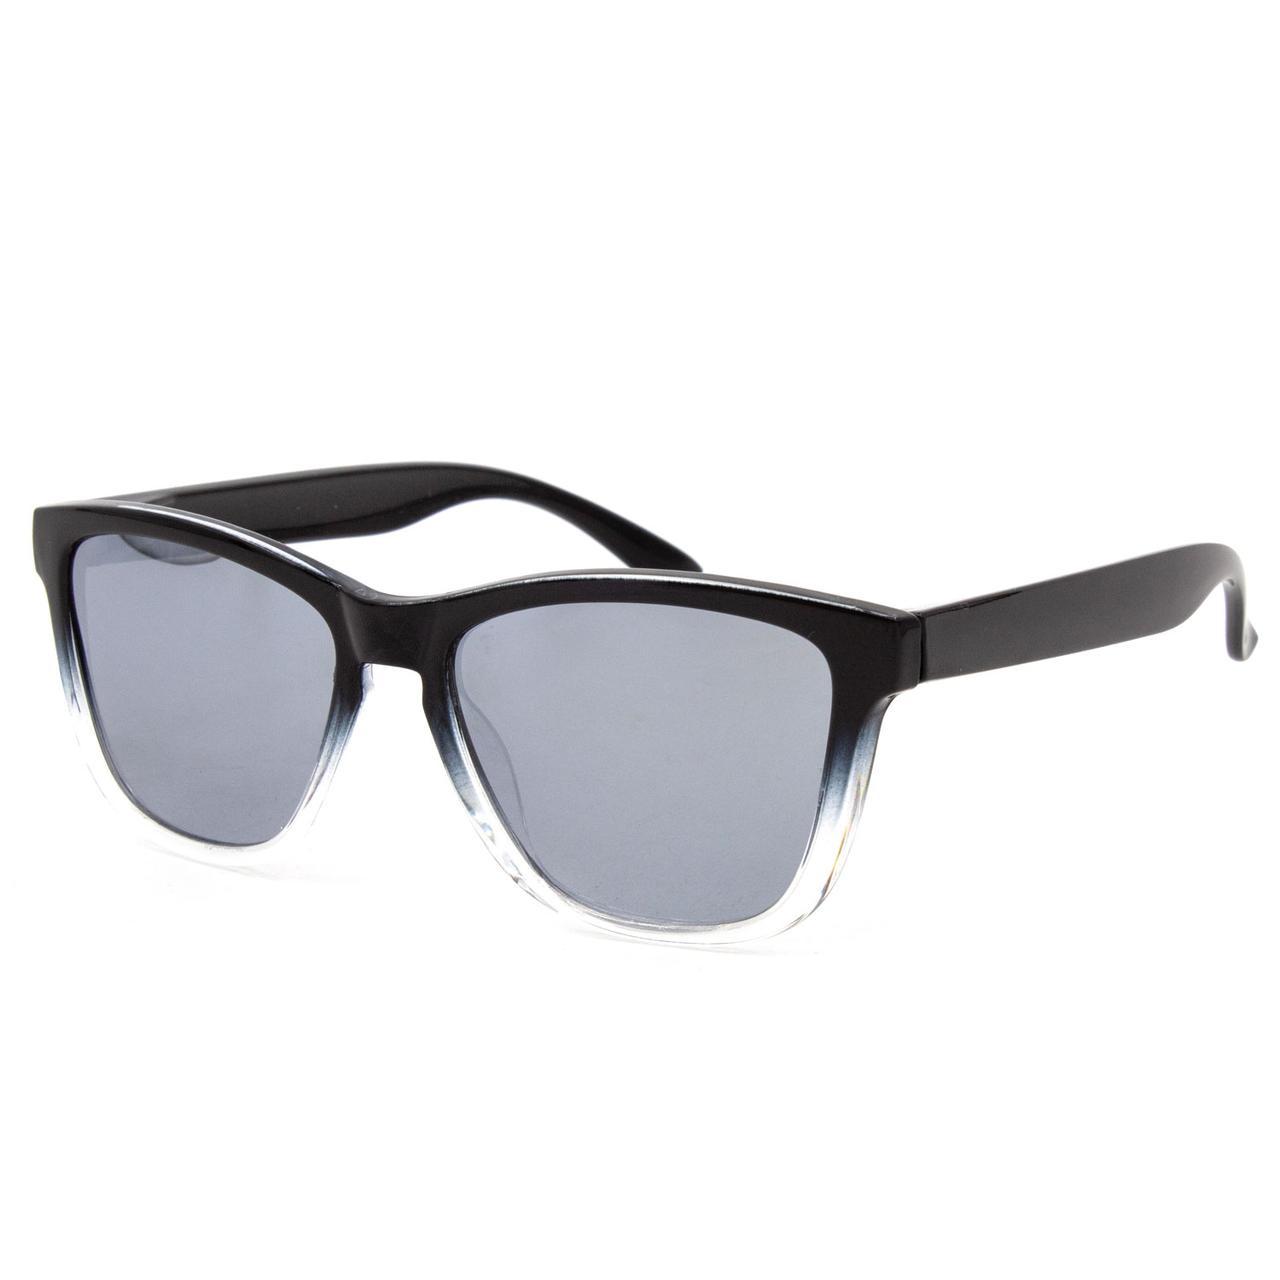 Солнцезащитные очки Marmilen Polar P0717 спорт C8 серые с зеркальным покрытием  ( P0717-08 )